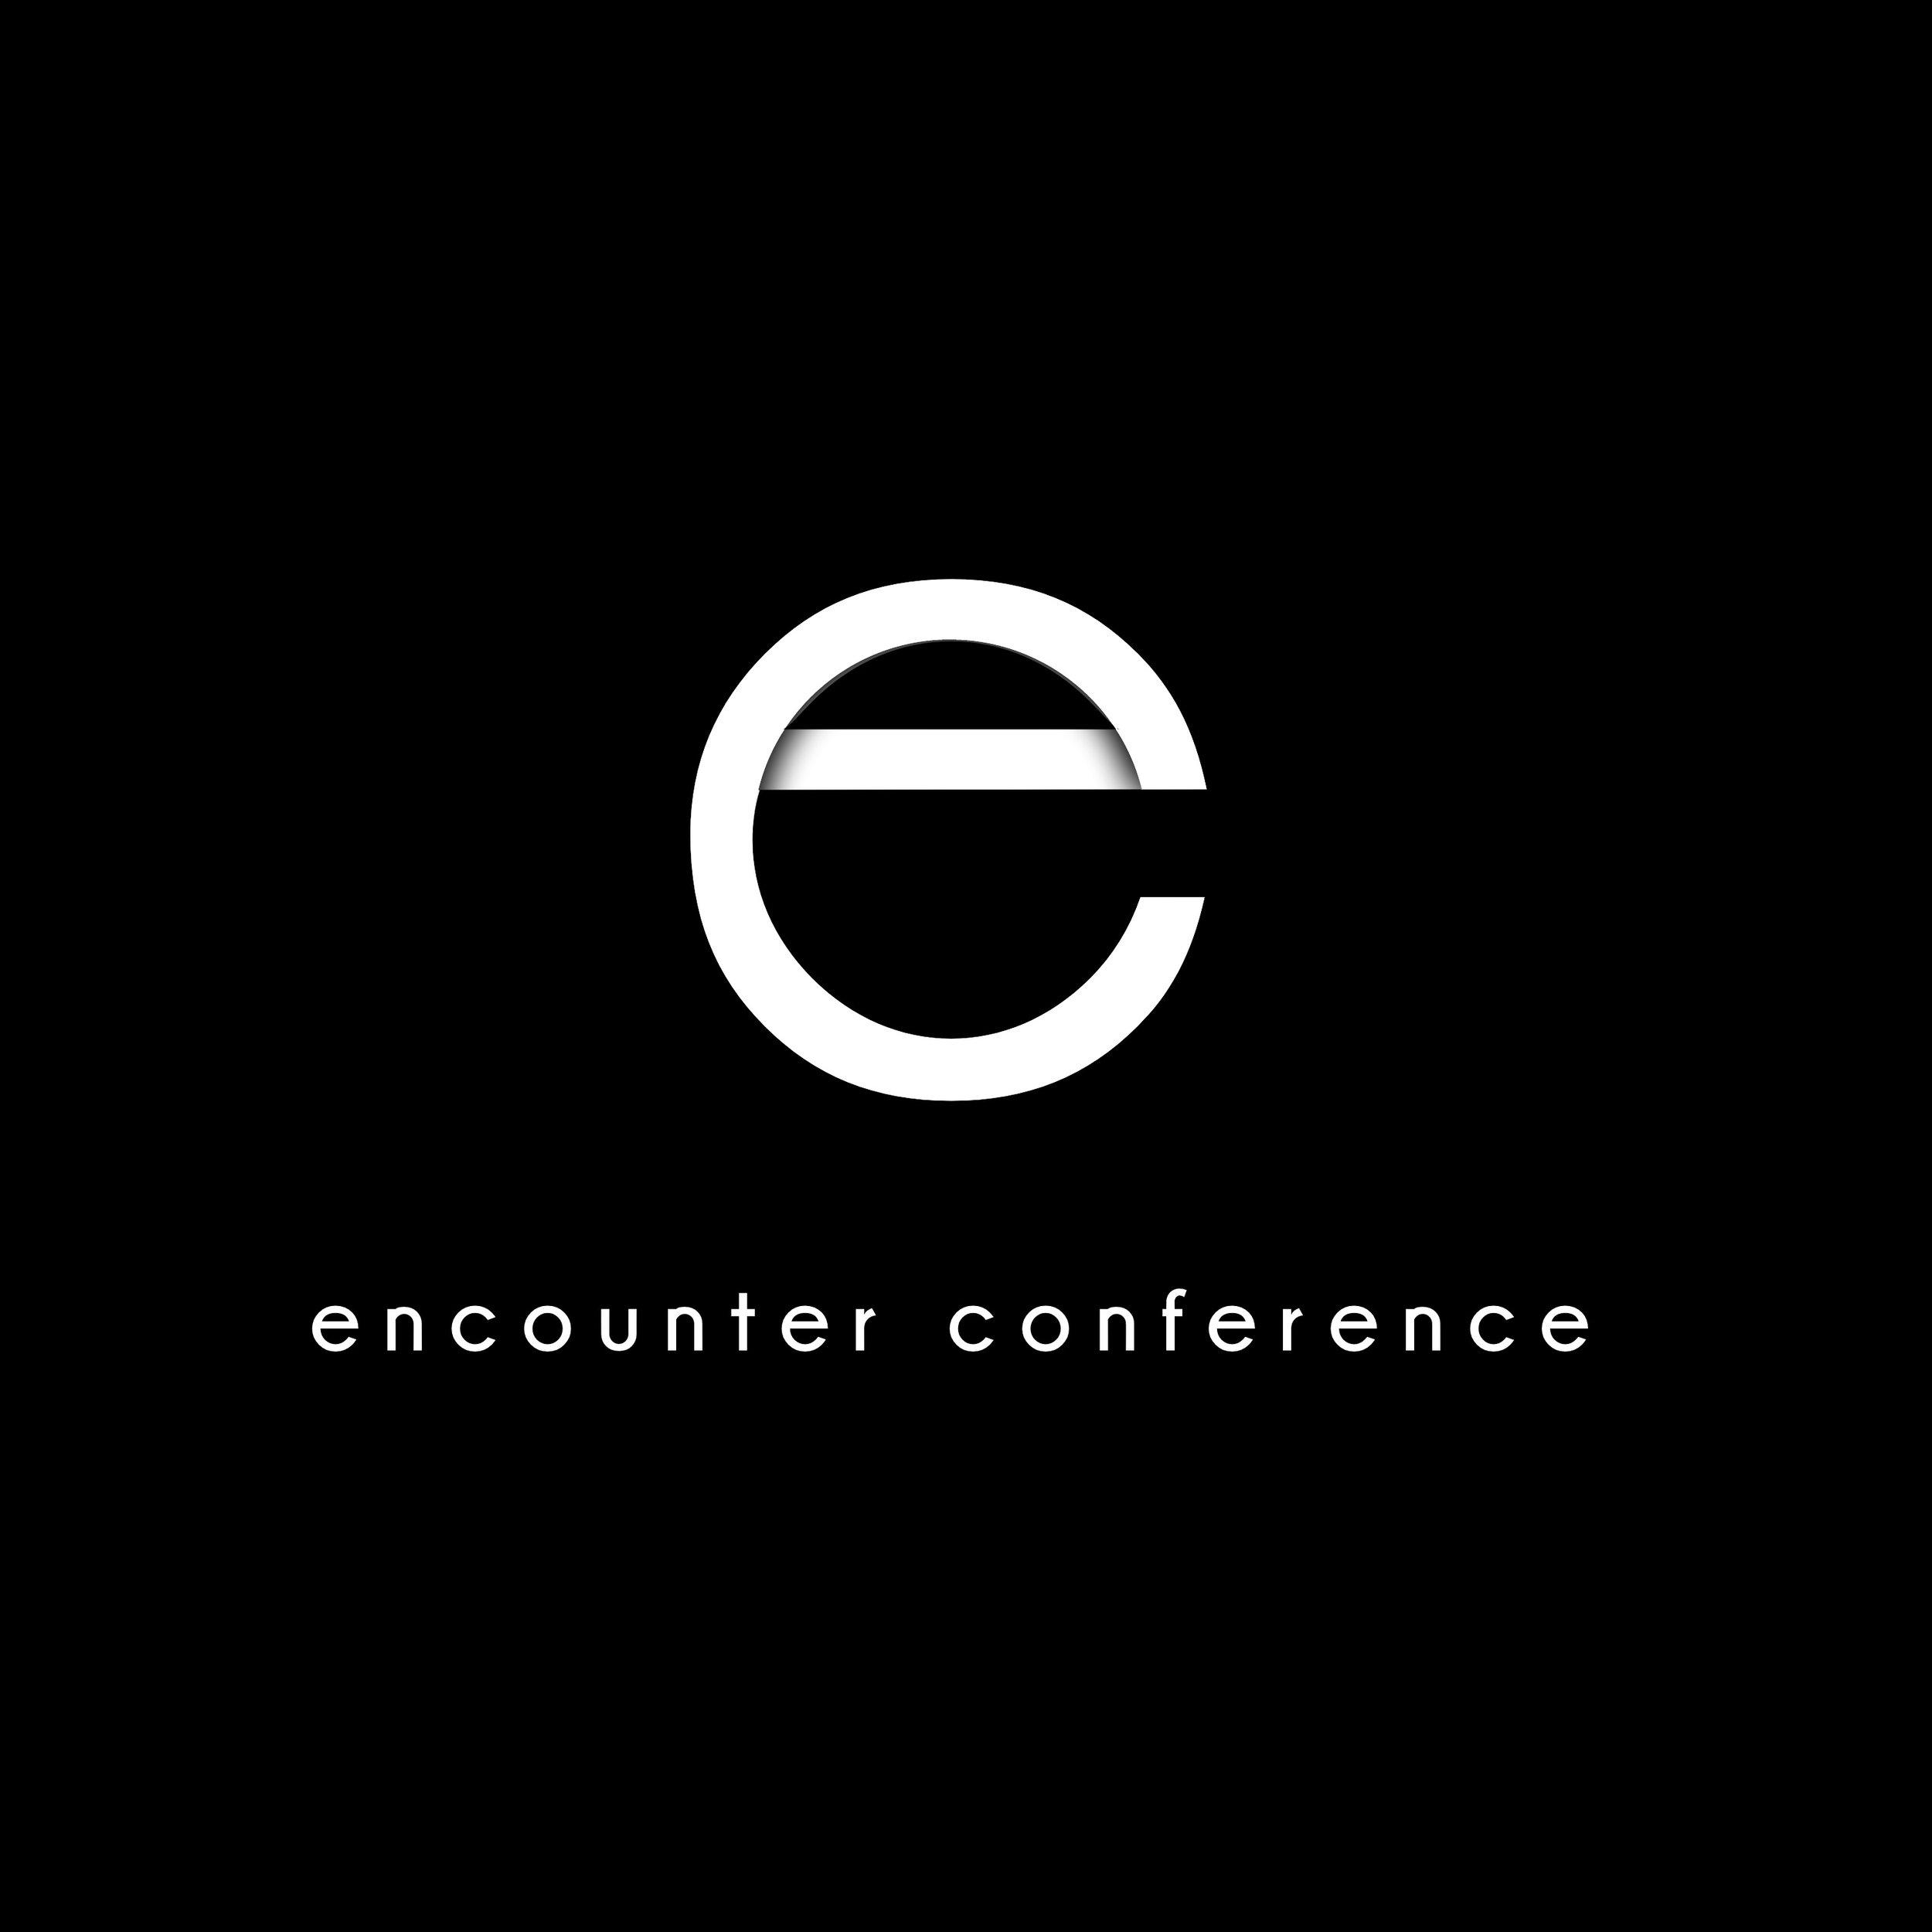 encounterLOGO.jpg